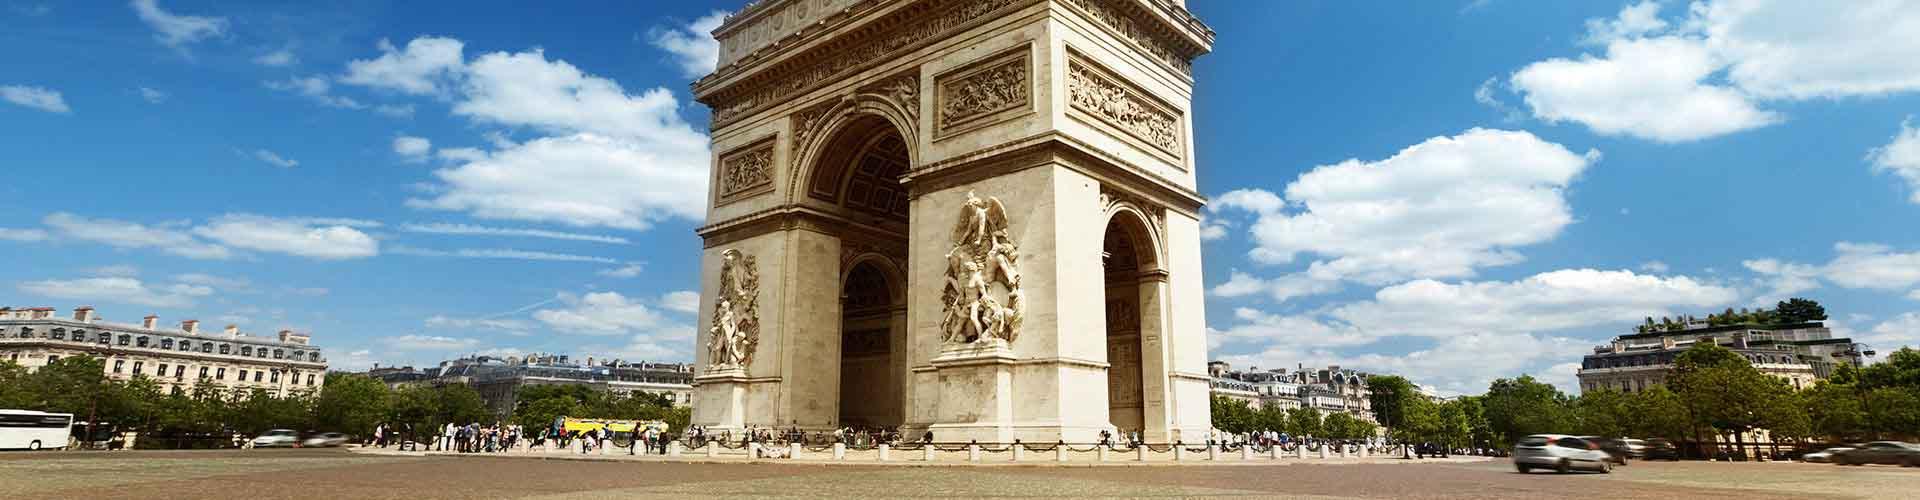 París - Hoteles baratos cerca a Arco del Triunfo. Mapas de París, Fotos y comentarios de cada Hotel en París.